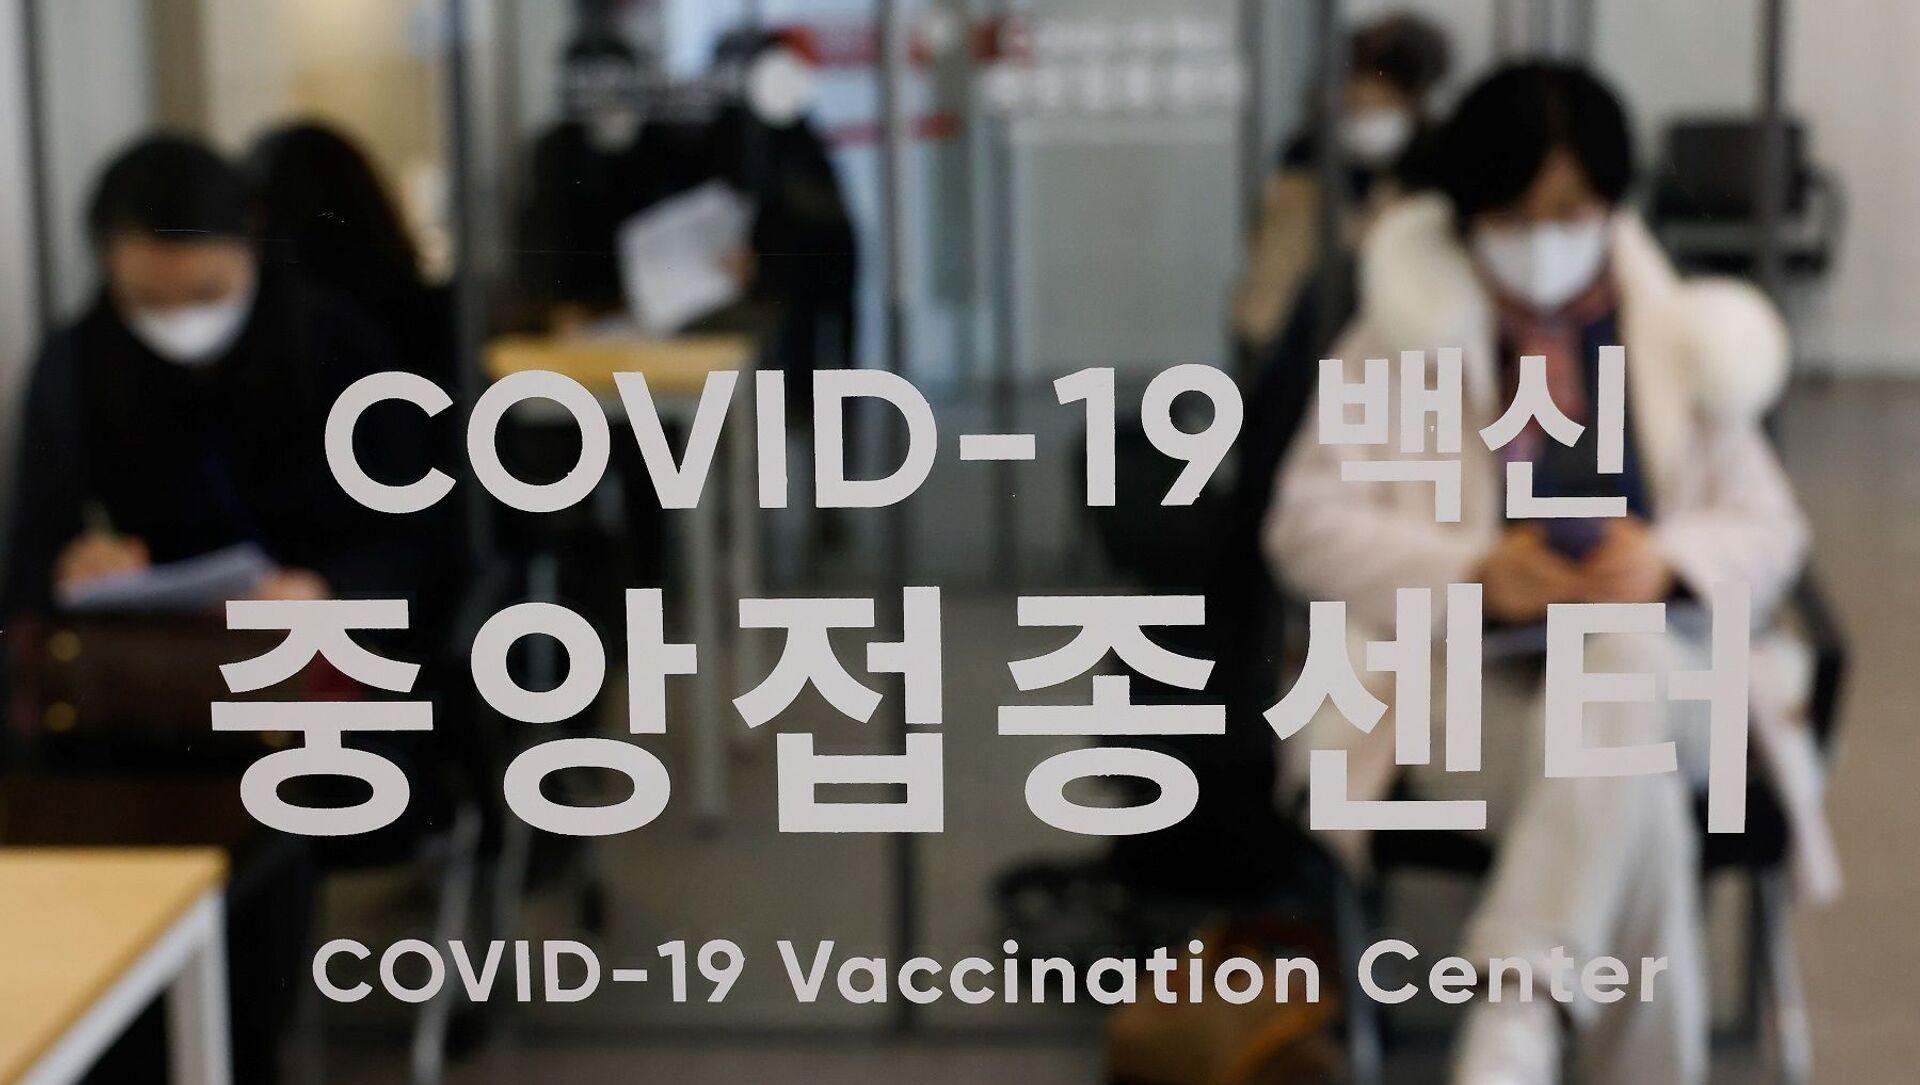 Güney Kore - koronavirüs aşısı - Sputnik Türkiye, 1920, 05.08.2021